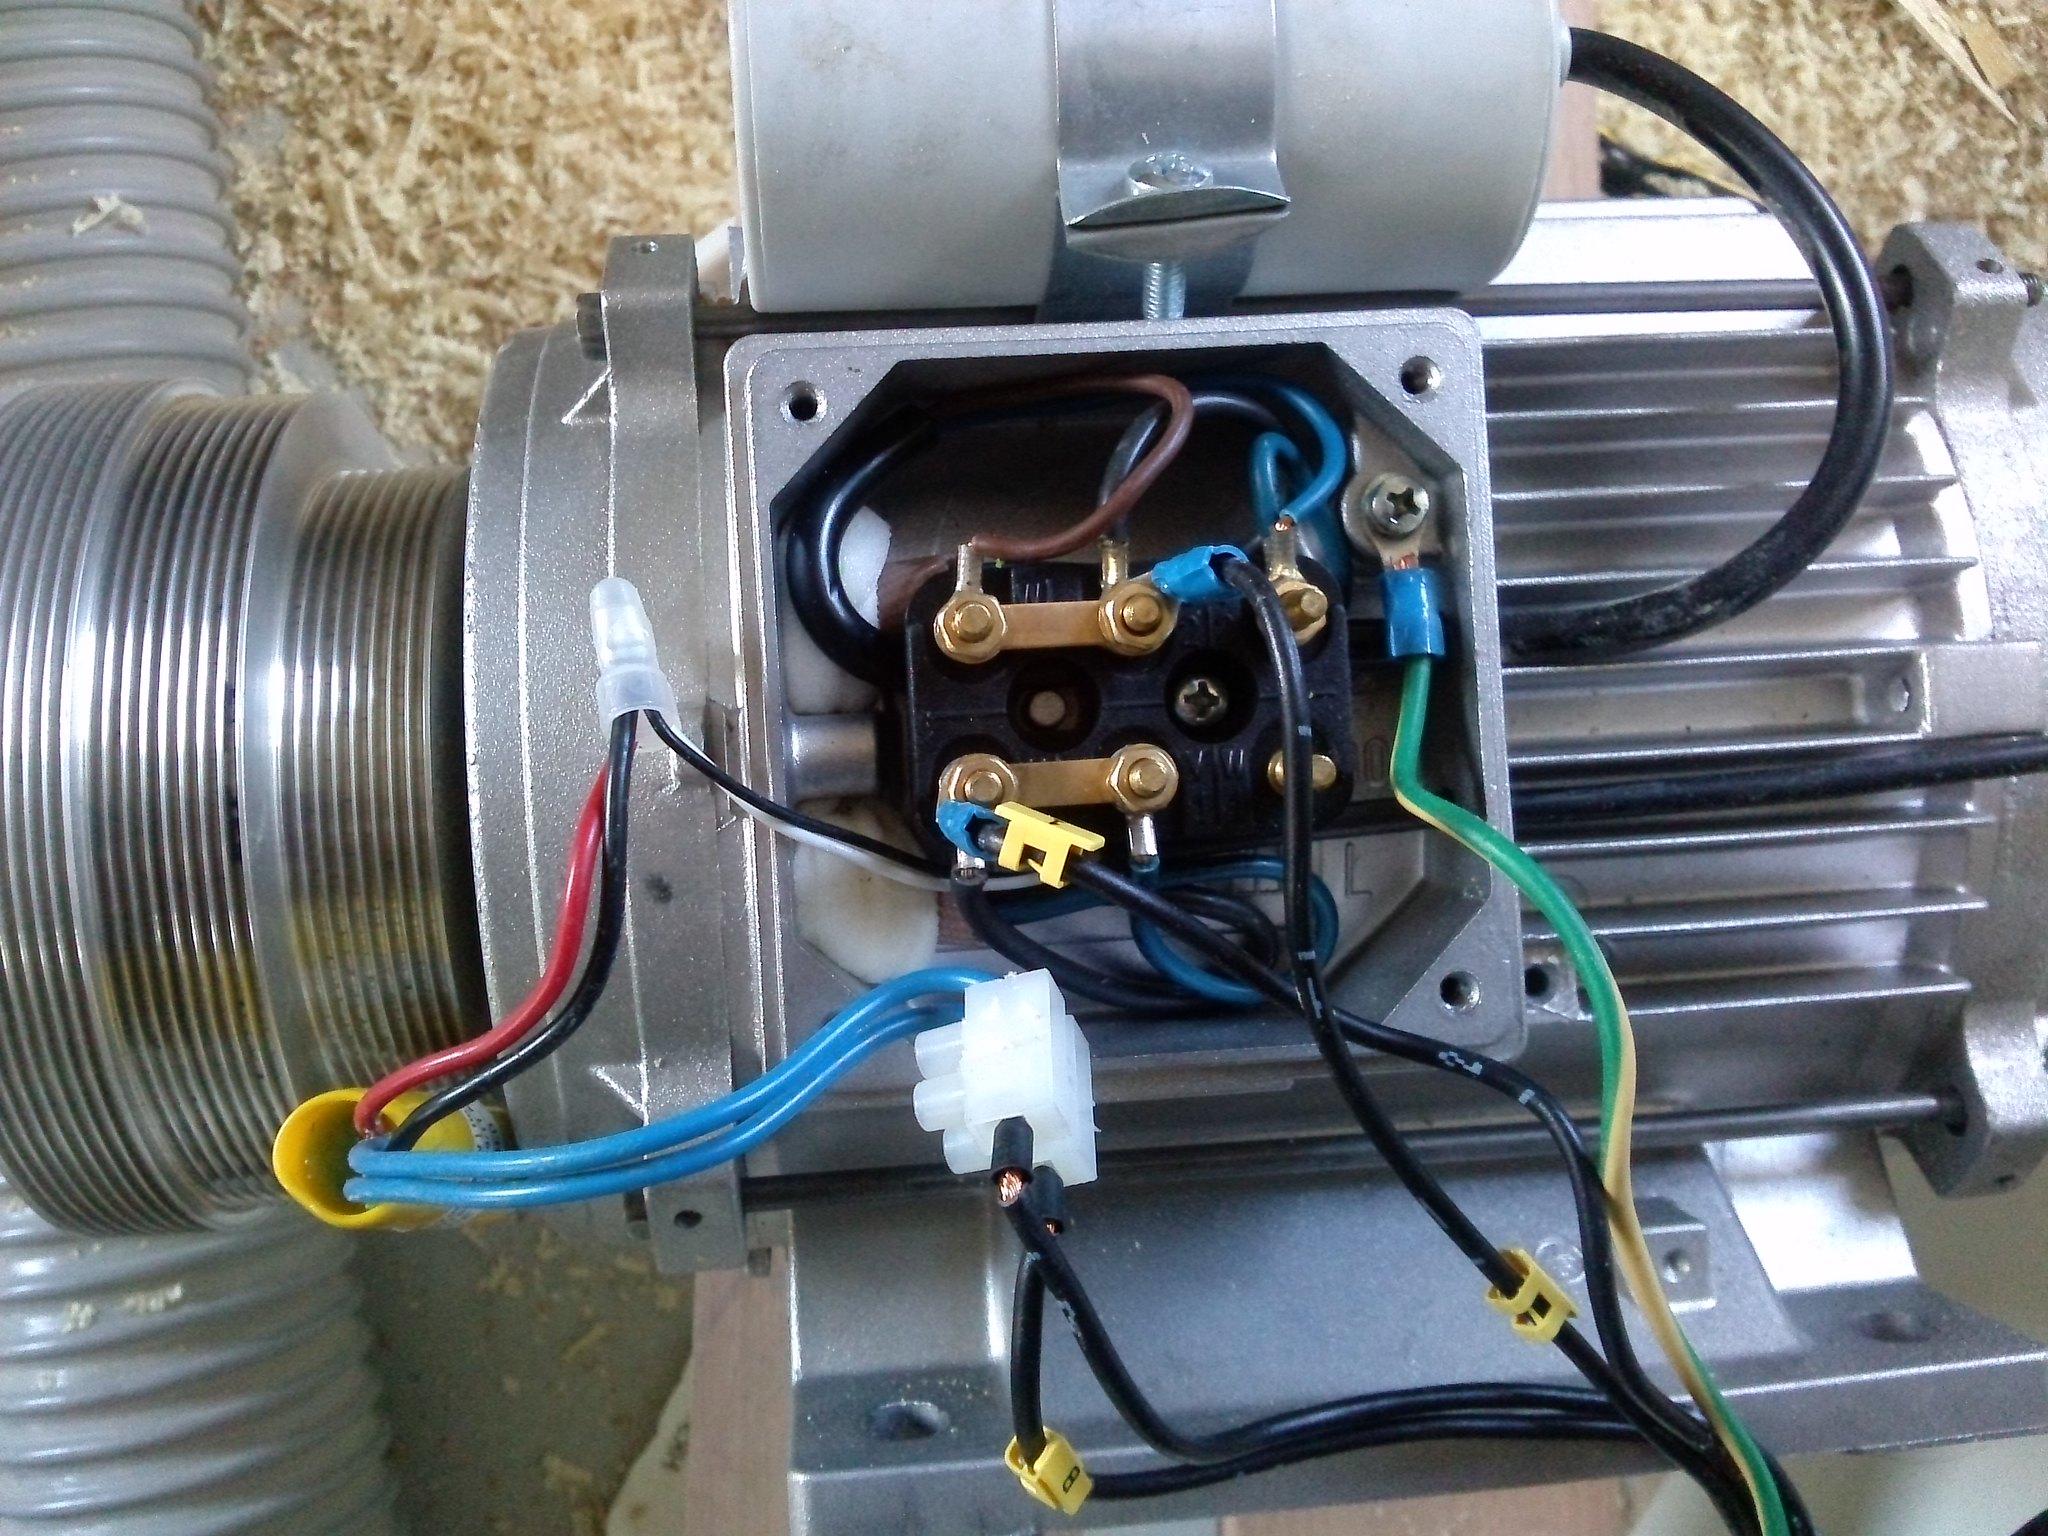 Schema Elettrico Motore Monofase Avanti Indietro : Inversione rotazione motore monofase u il forum di electroyou